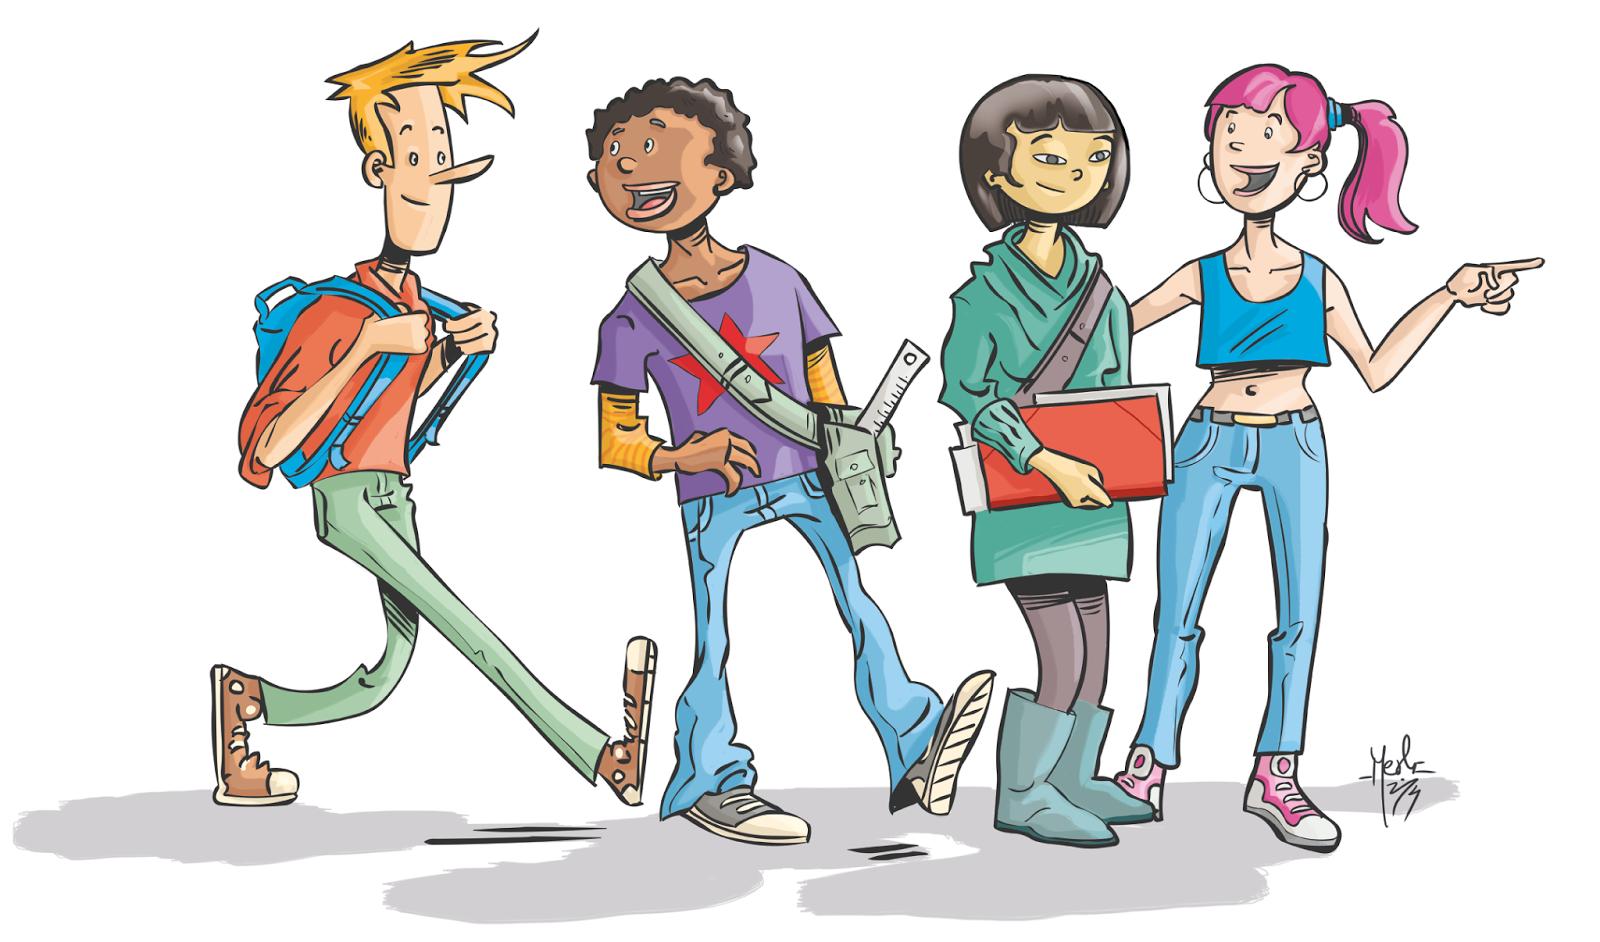 Personajes ilustración juvenil para libro de texto, Merlí Borrell